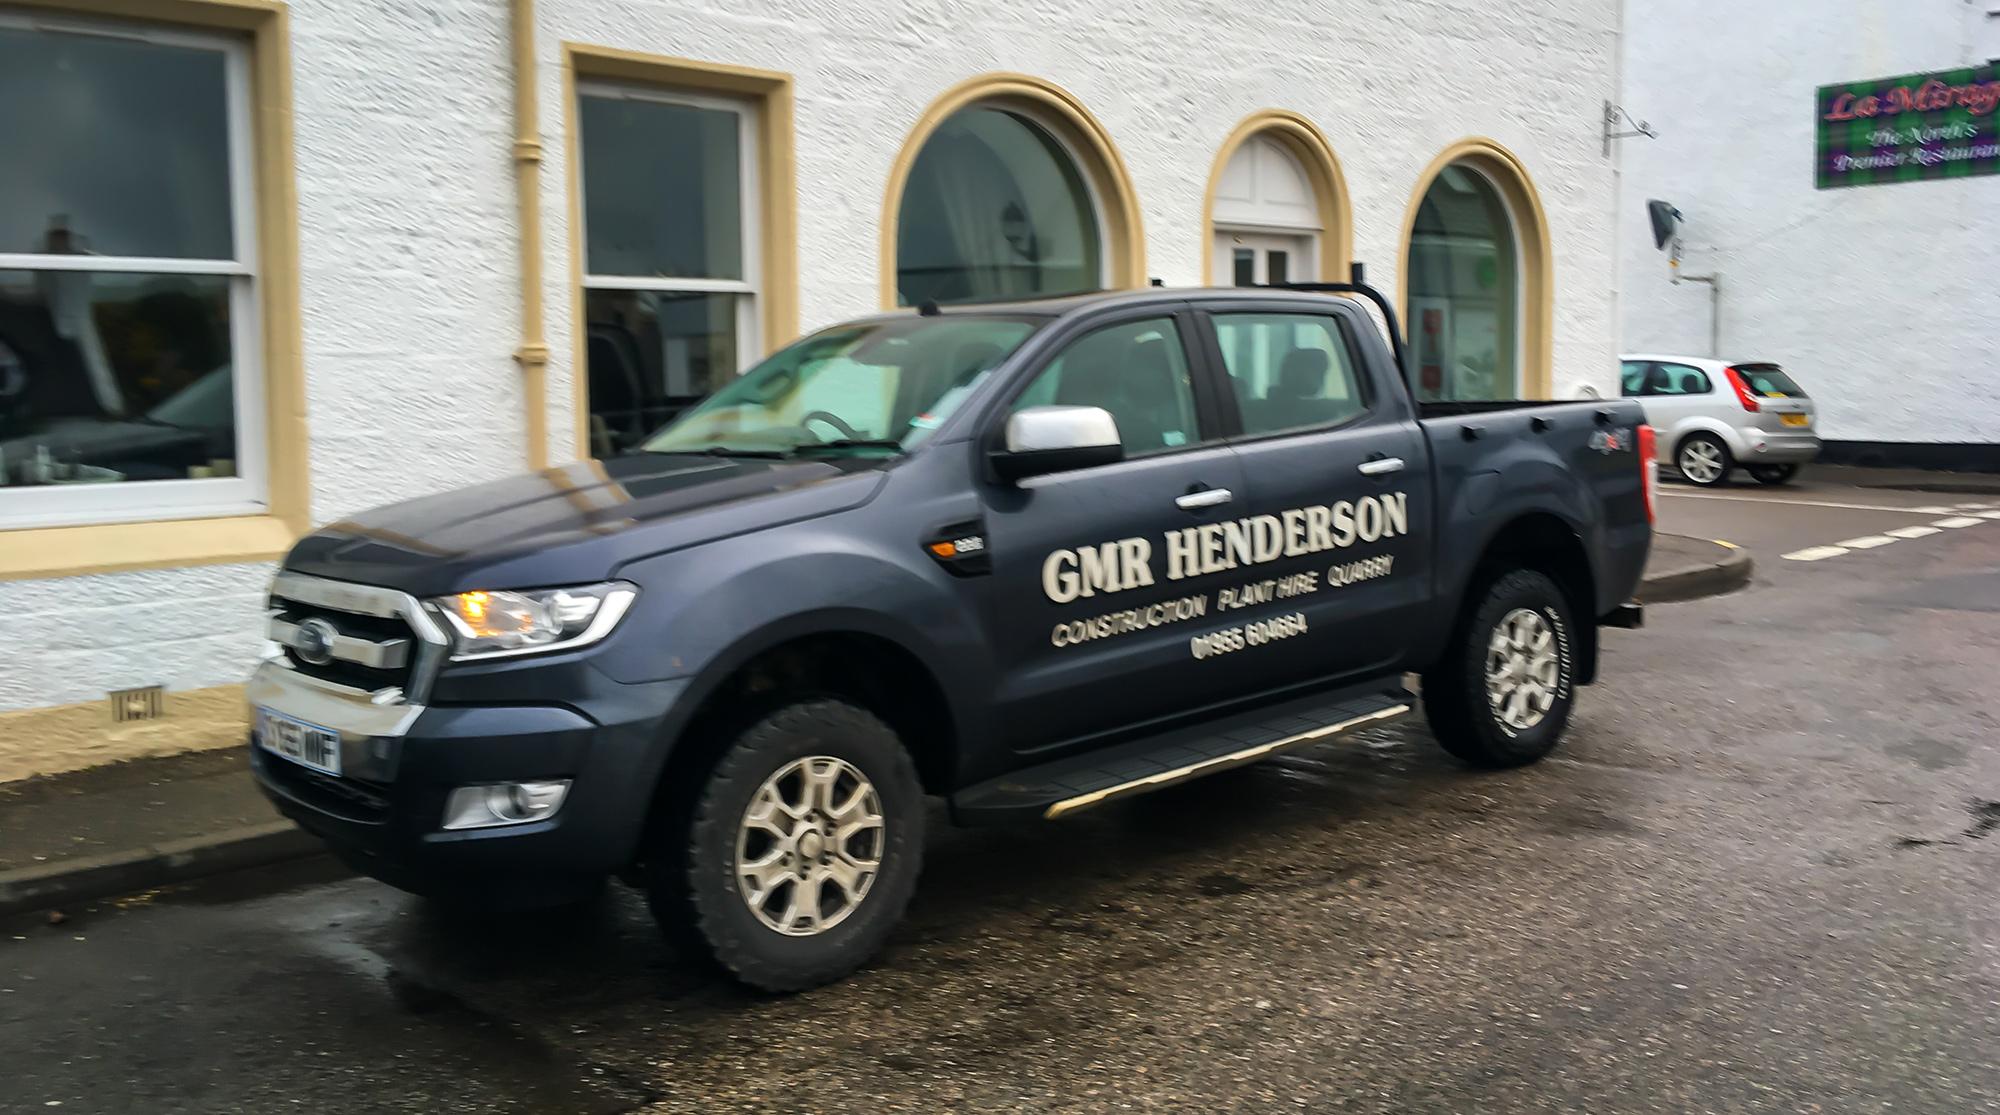 Pickup mit Aufschrift GMR Henderson vor einem Haus